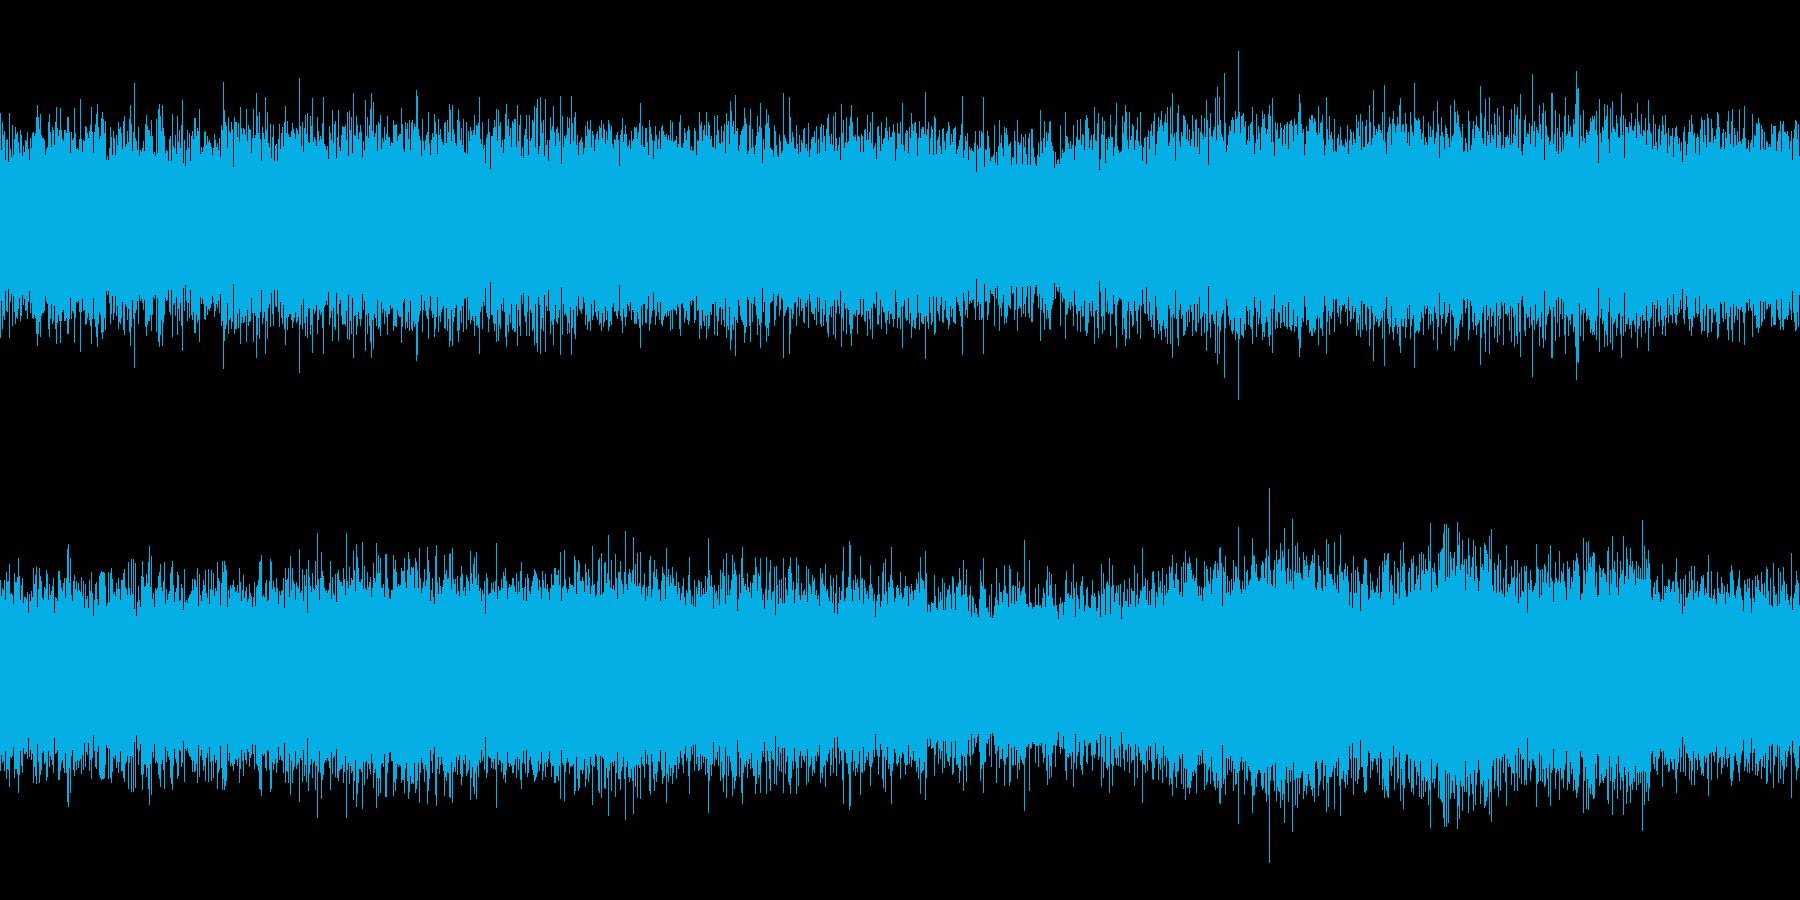 【生録音】ループで使える夏の虫の声 4の再生済みの波形